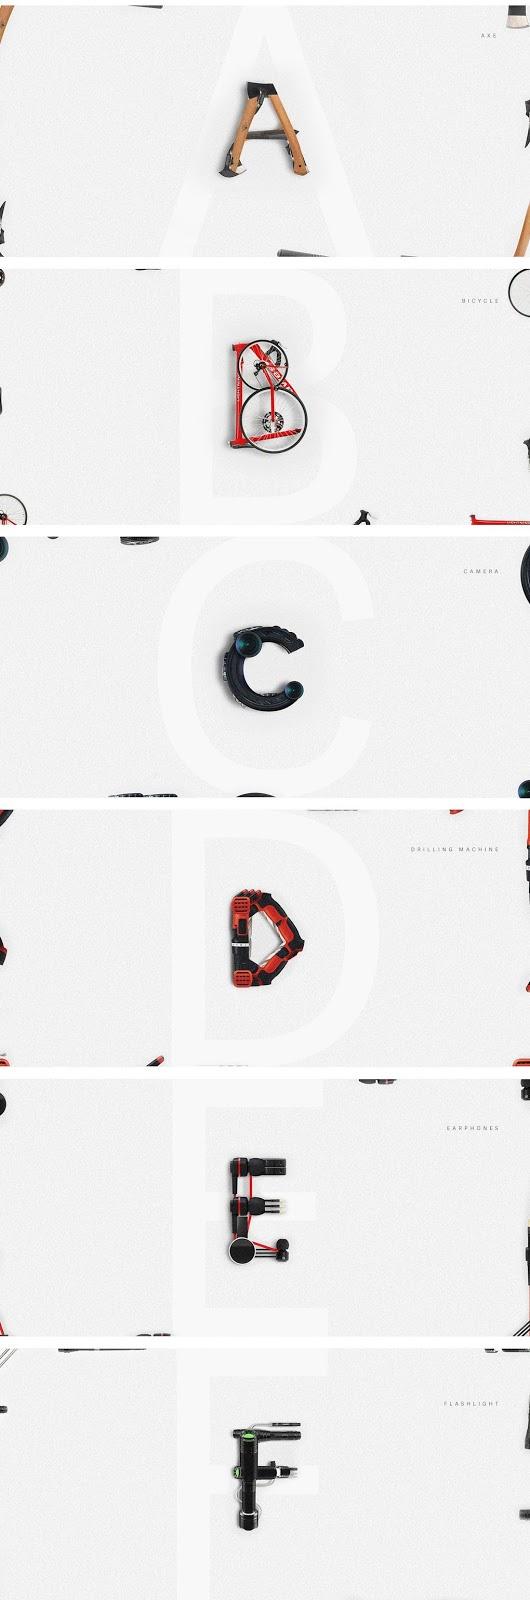 STRUCTURE-x-Type-Objetos-transformados-en-tipografías